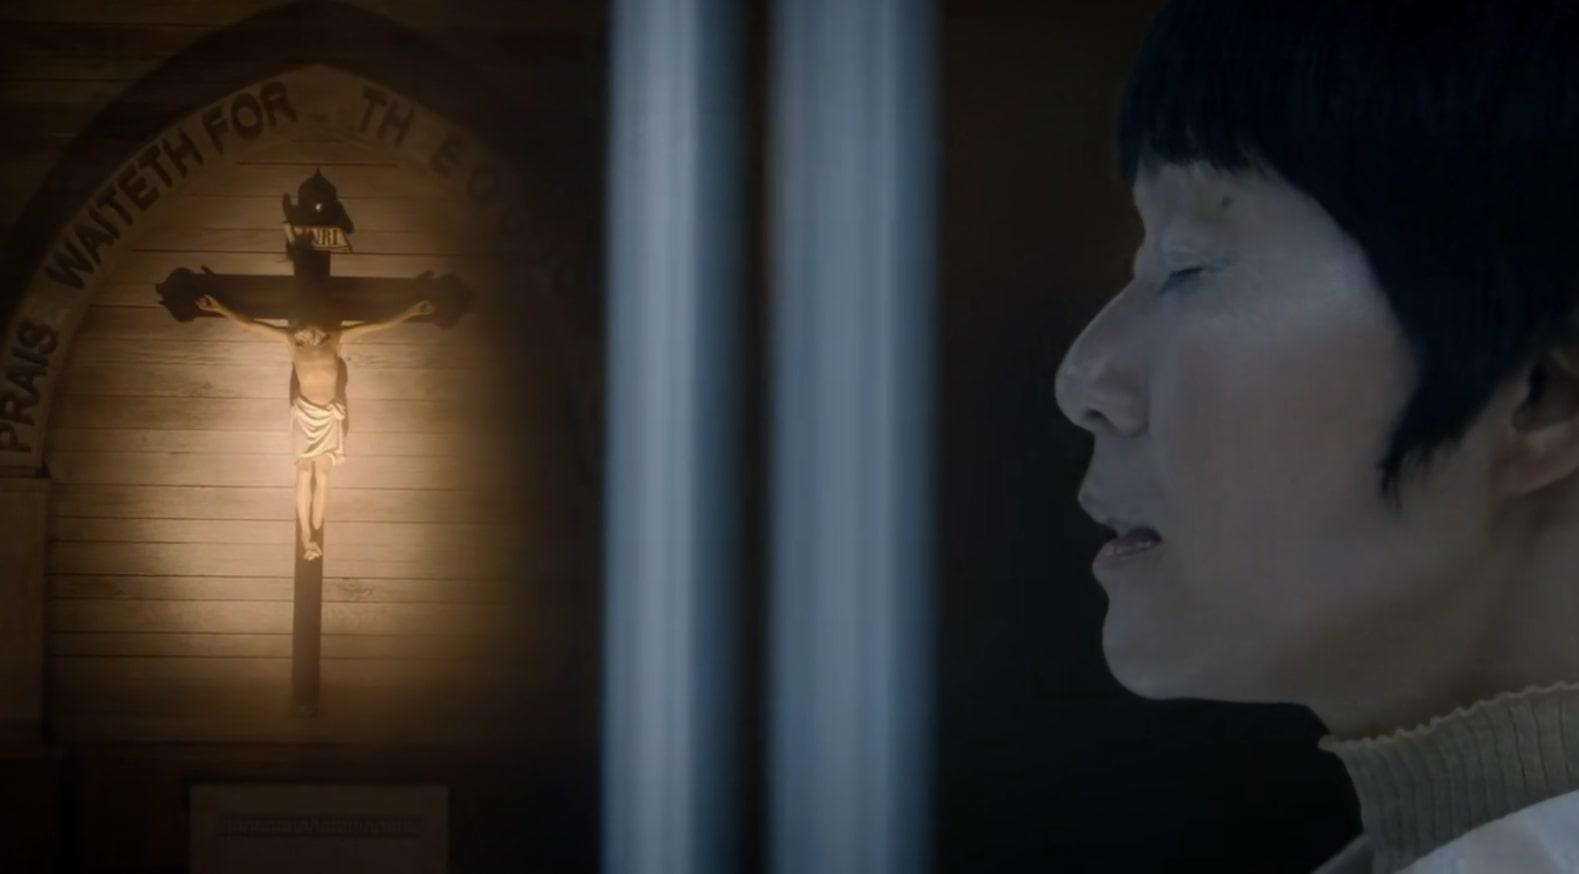 نقد و بررسی قسمت نهم سریال Watchmen